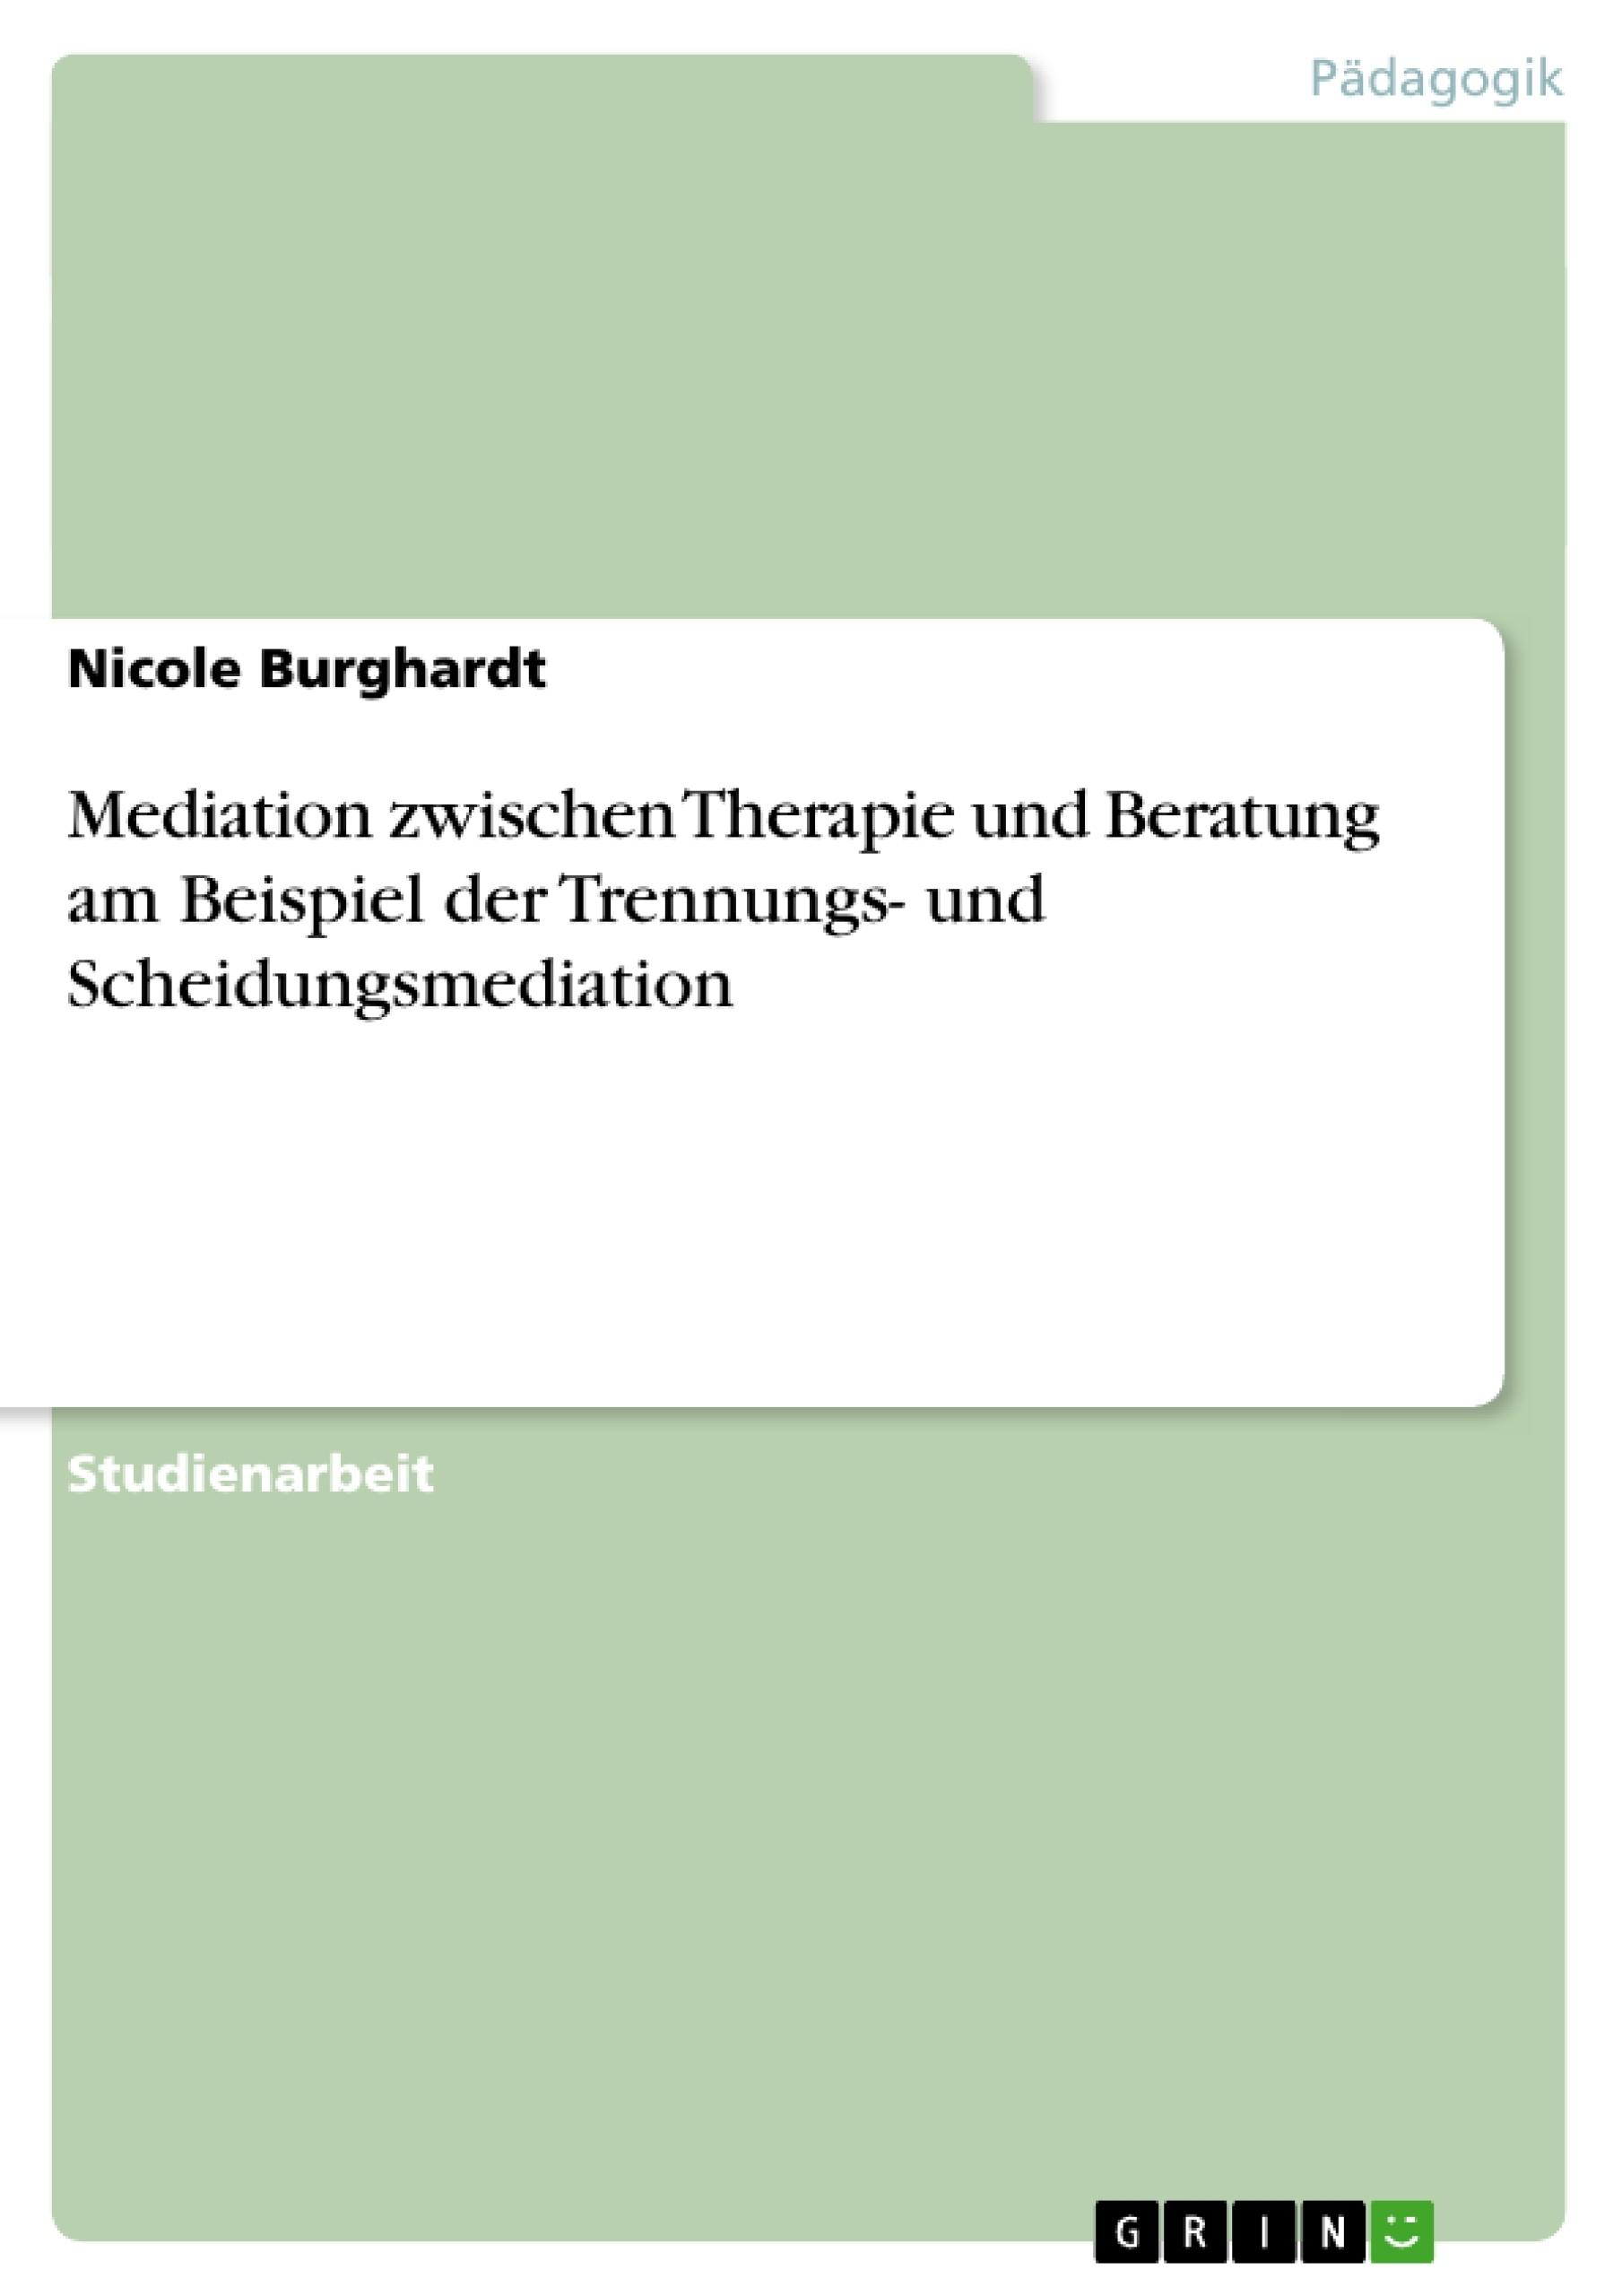 Titel: Mediation zwischen Therapie und Beratung am Beispiel der Trennungs- und Scheidungsmediation